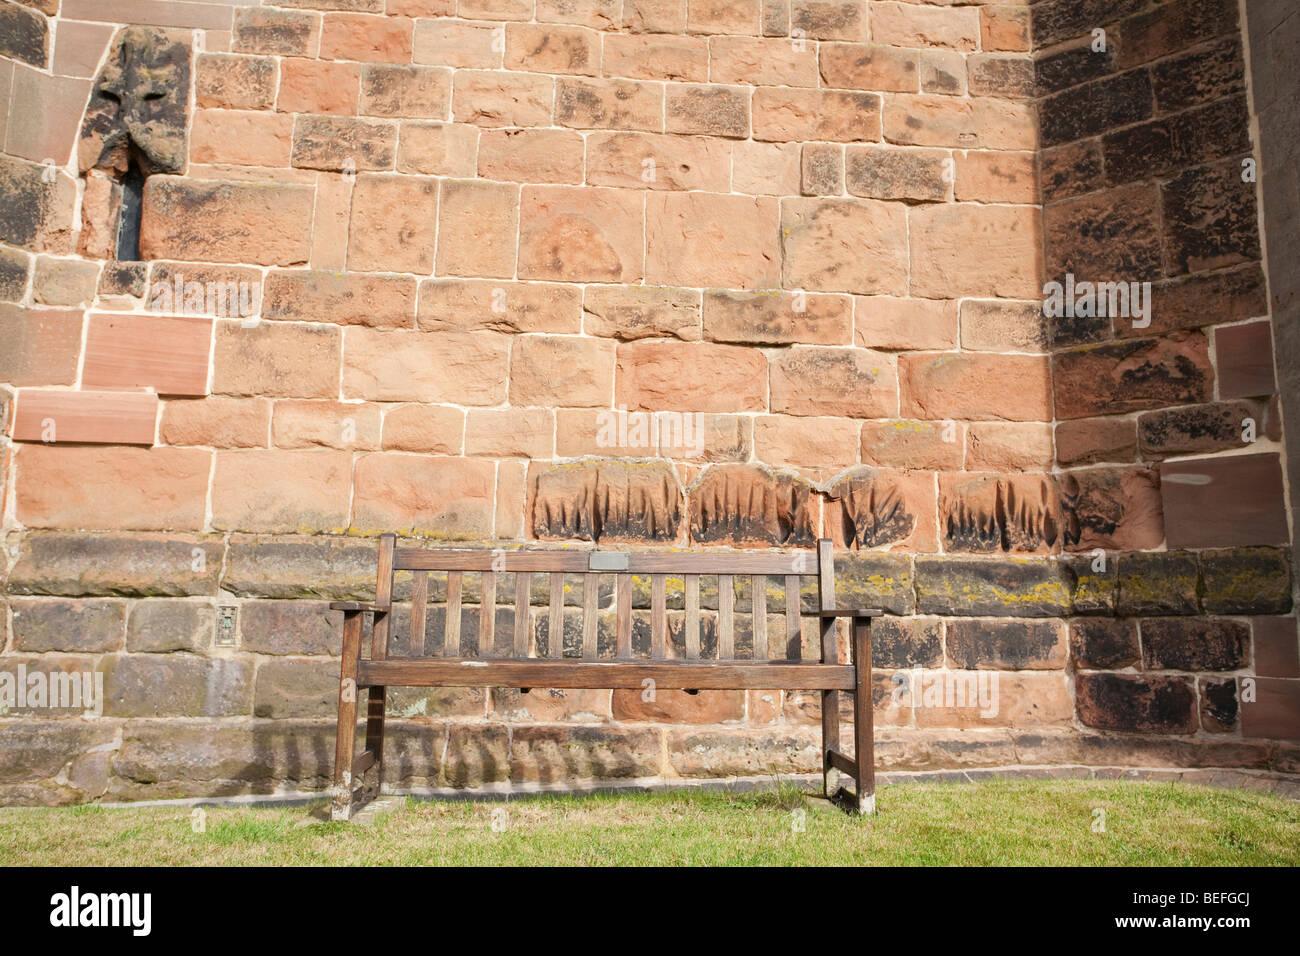 Sedile unico sul prato di fronte ad una parete della chiesa Immagini Stock